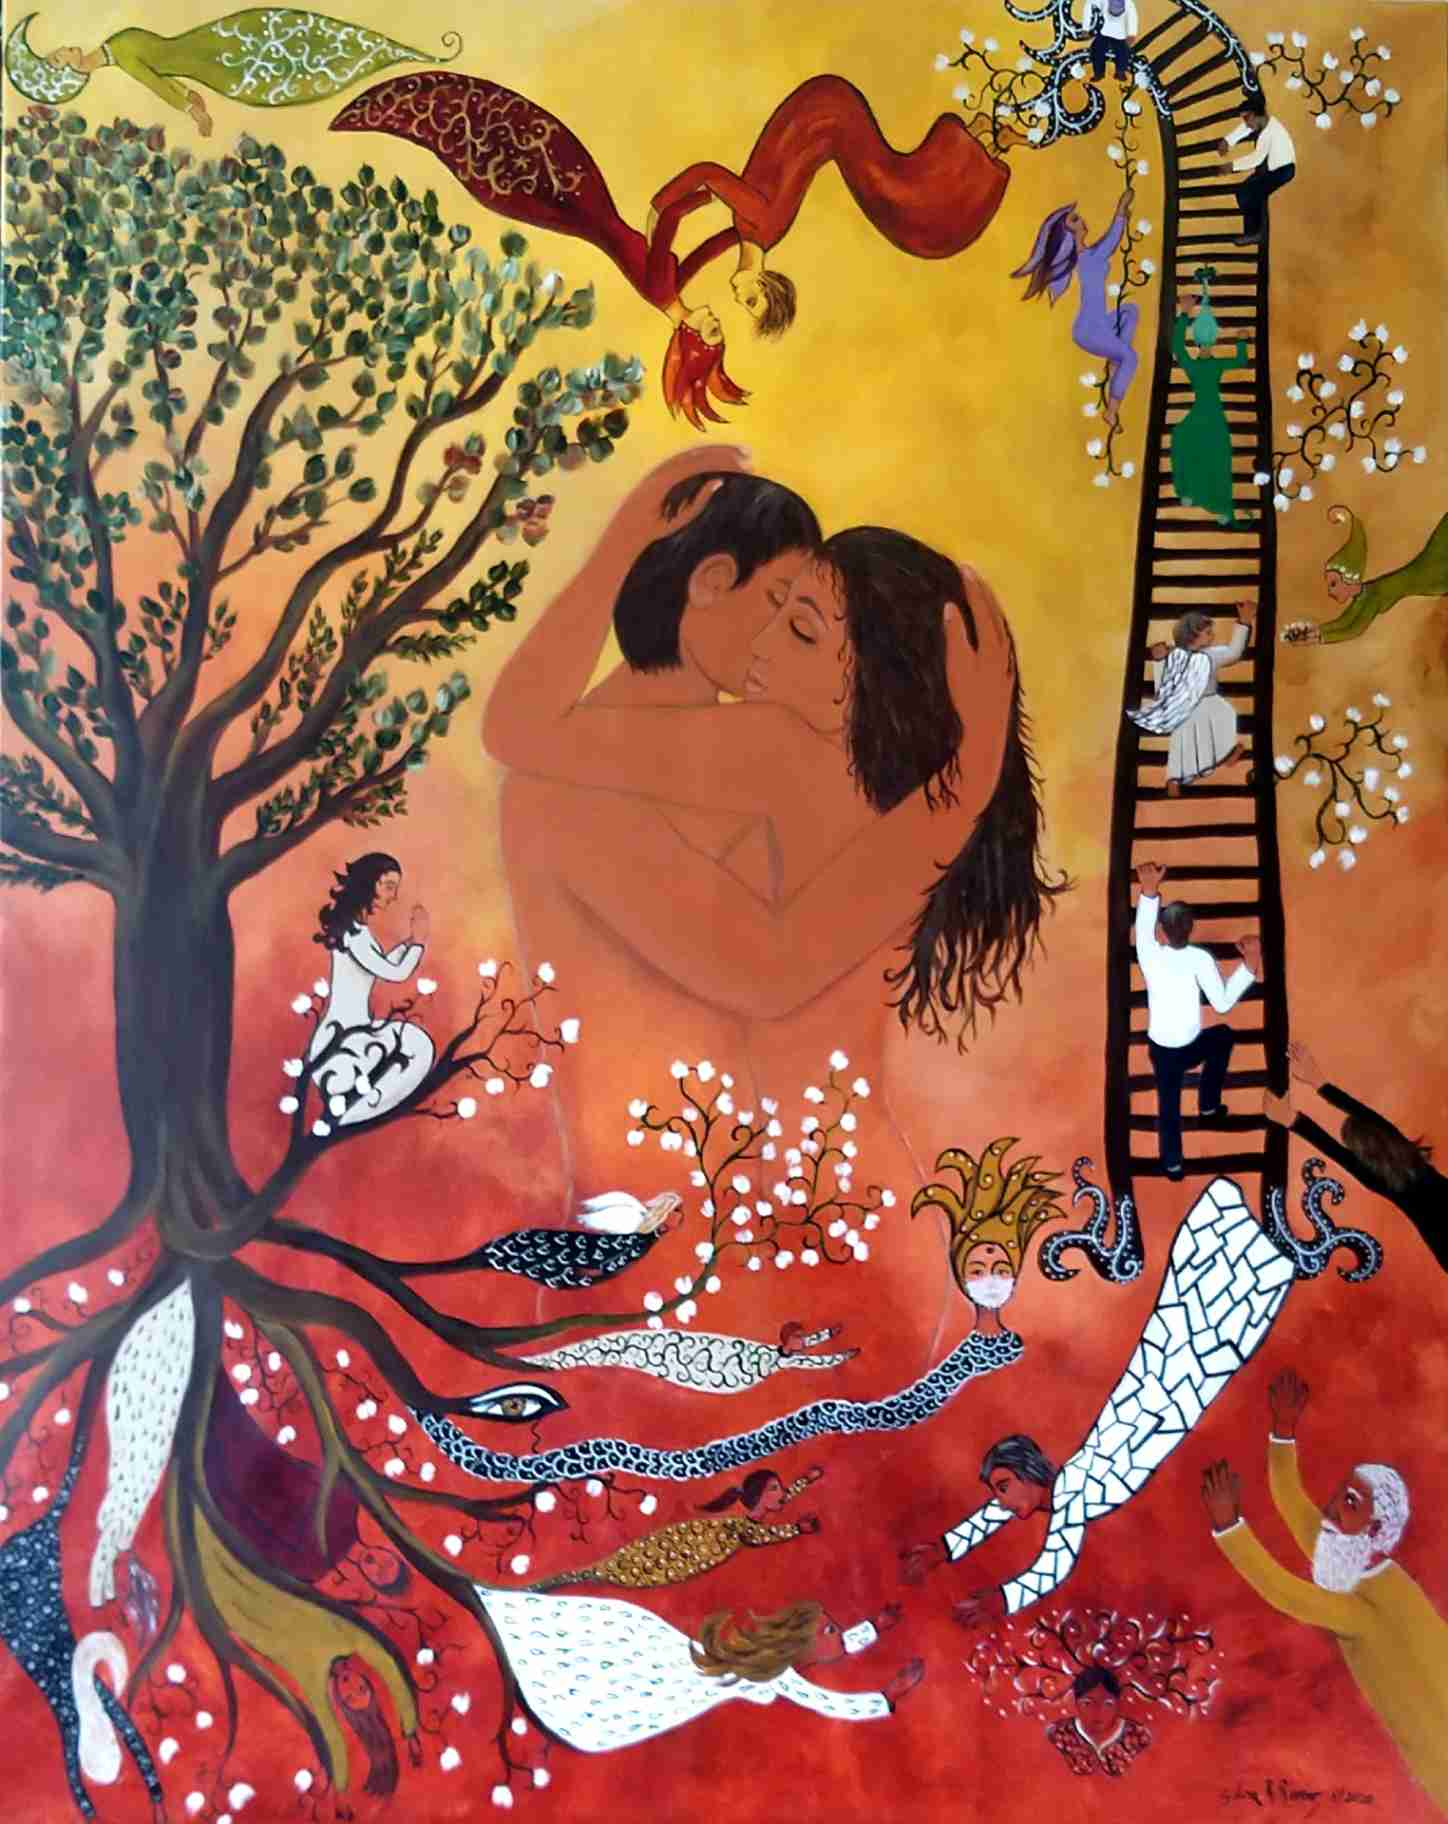 Obra: Entropía para el amor